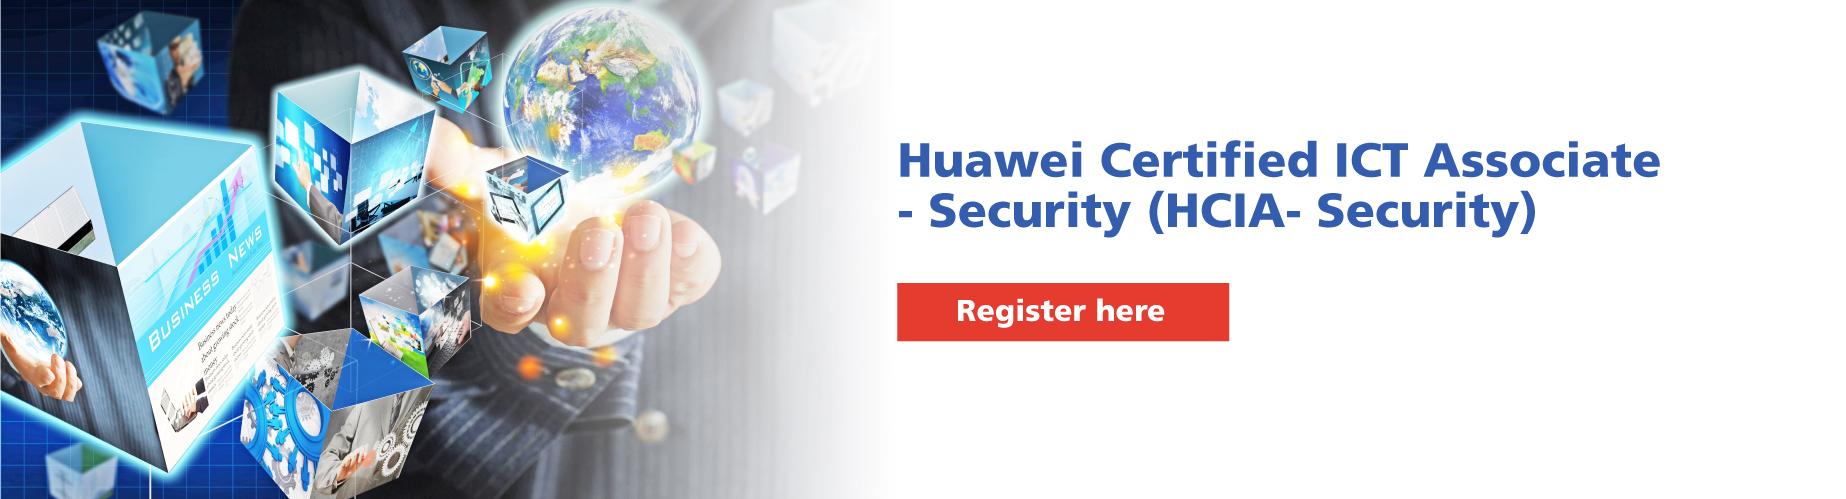 Huawei-Certified-ICT-Associate-Cloud-Computing-1